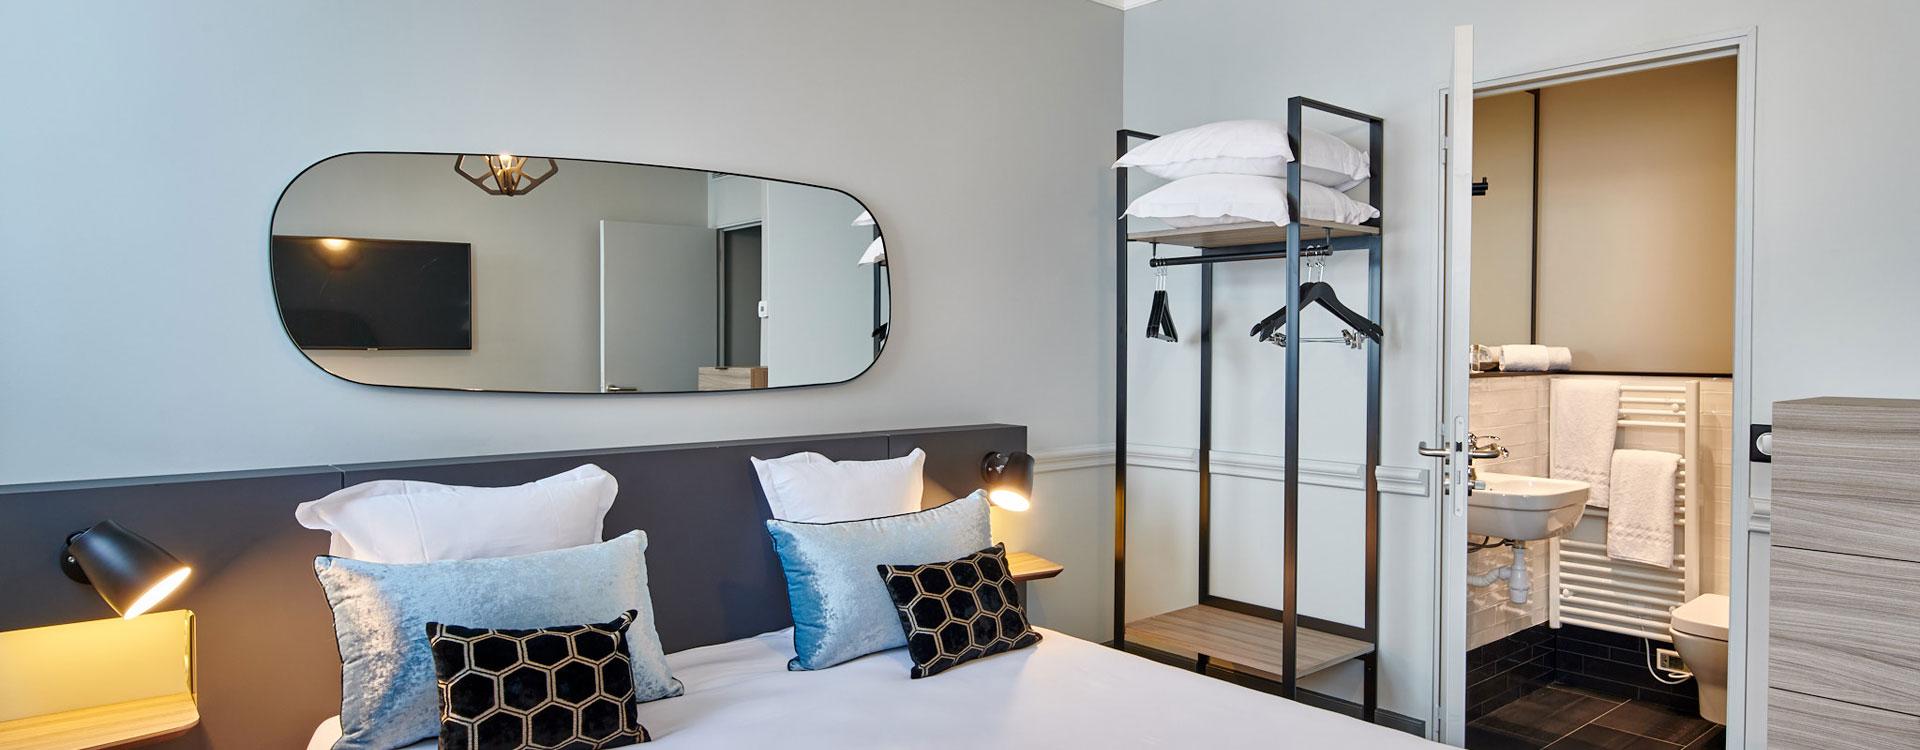 chambre double hotel provinces opera paris